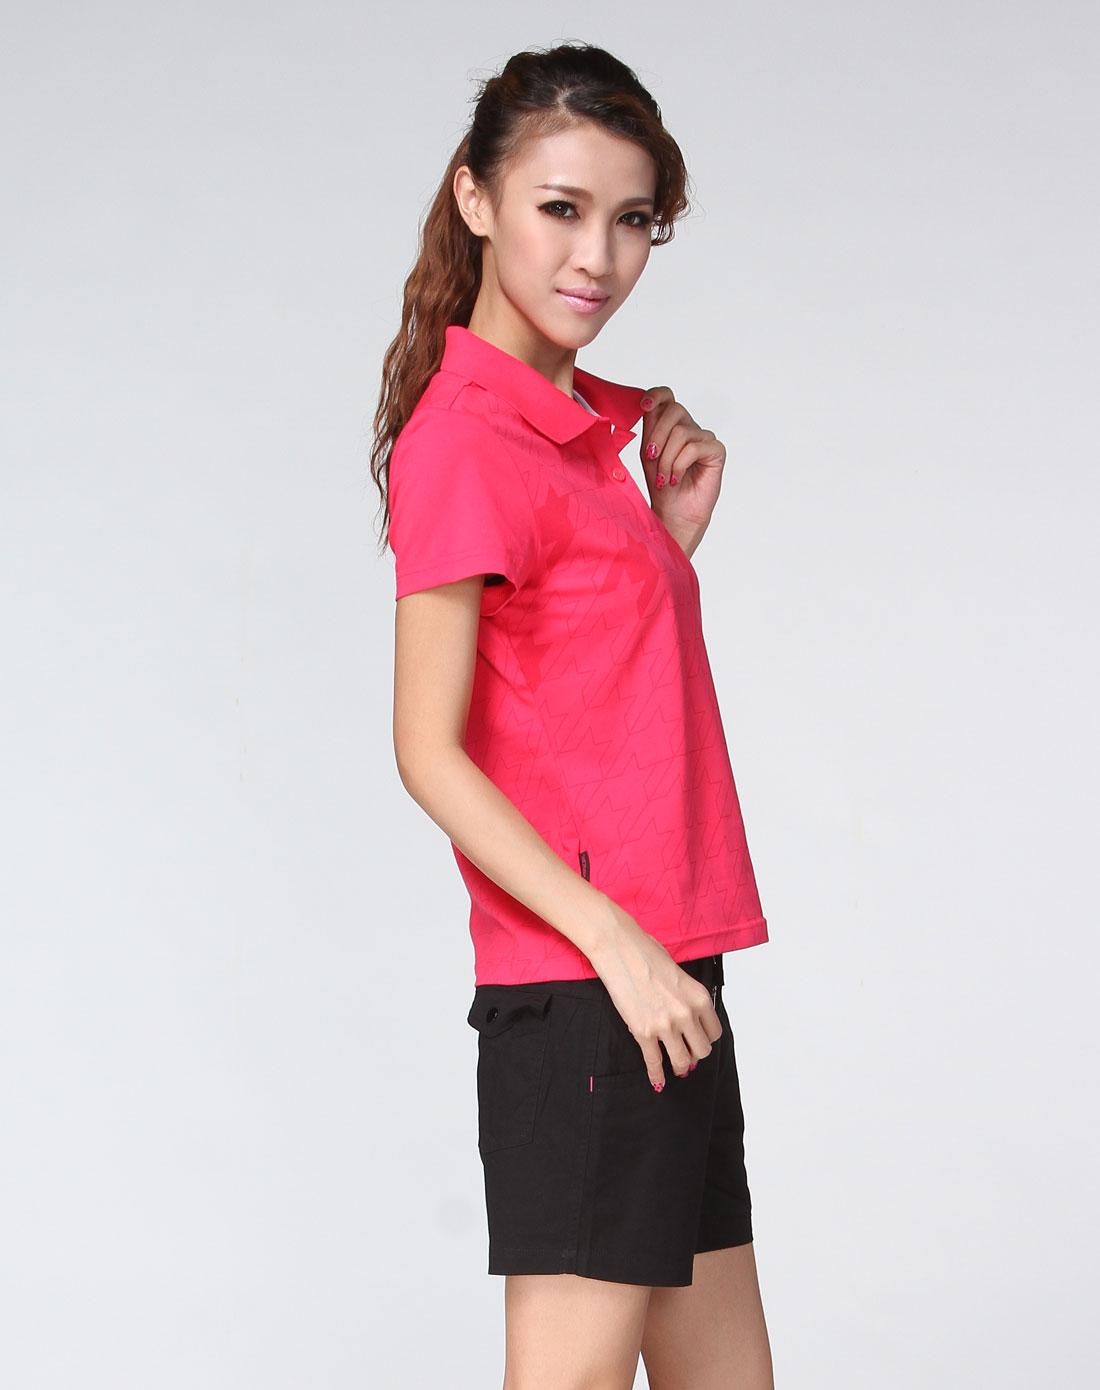 女款玫红色运动休闲翻领短袖t恤